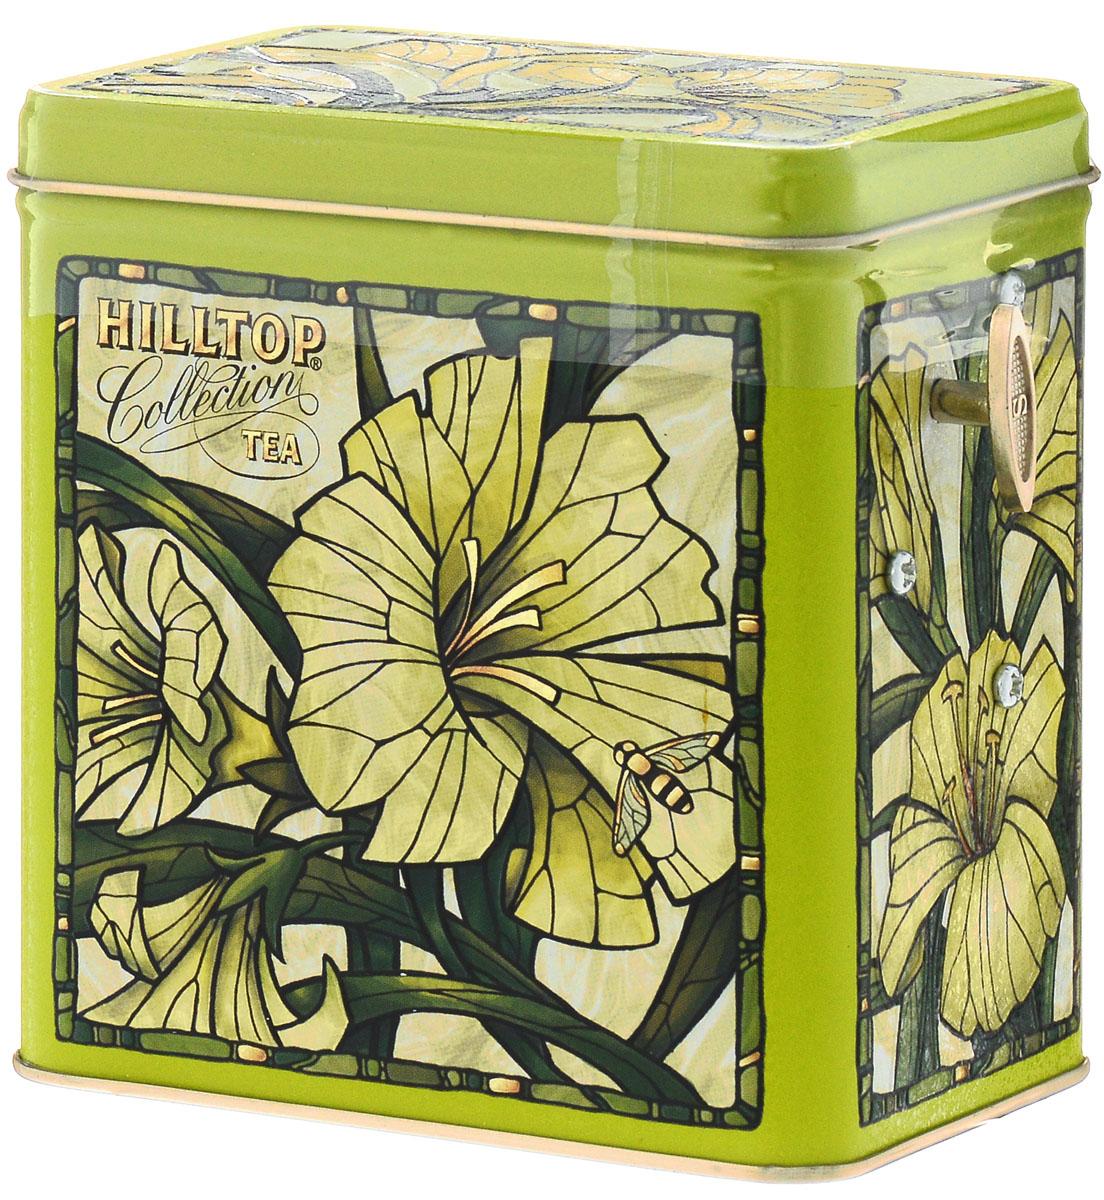 Hilltop Лилии Зеленая симфония набор зеленого листового чая в музыкальной шкатулке, 125 г hilltop зеленая симфония зеленый листовой чай 100 г